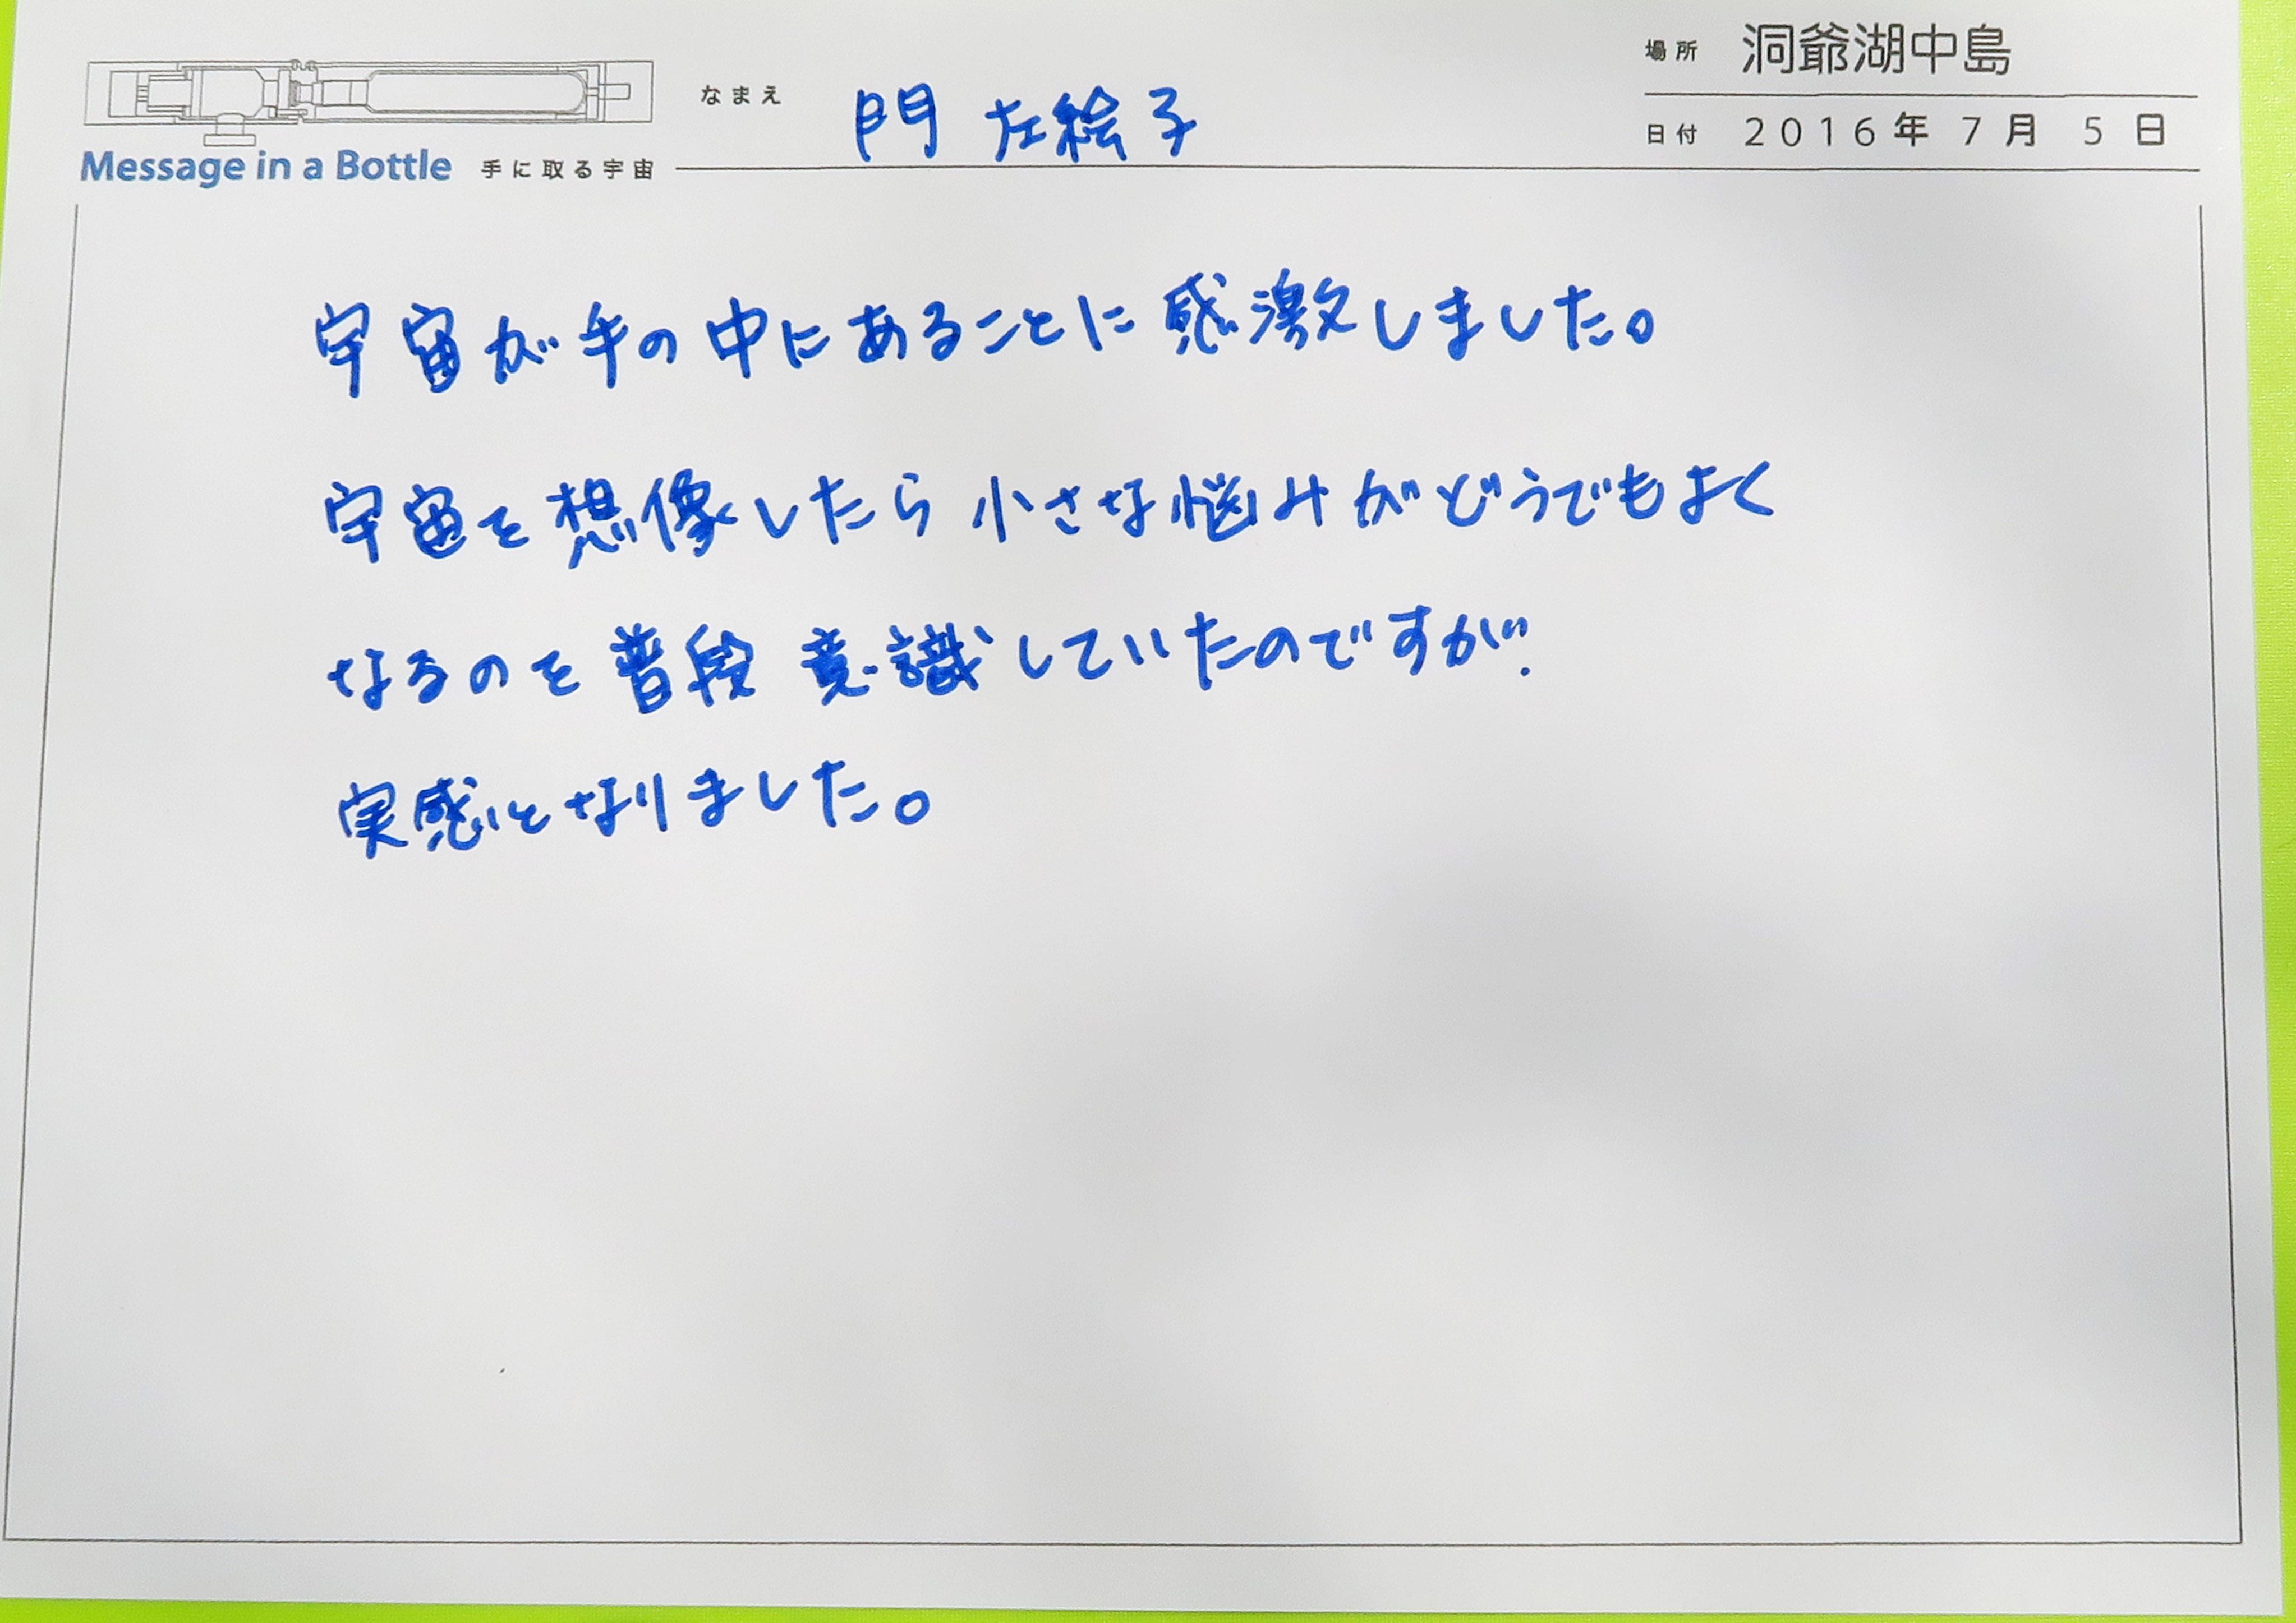 nakajima_0358.jpg